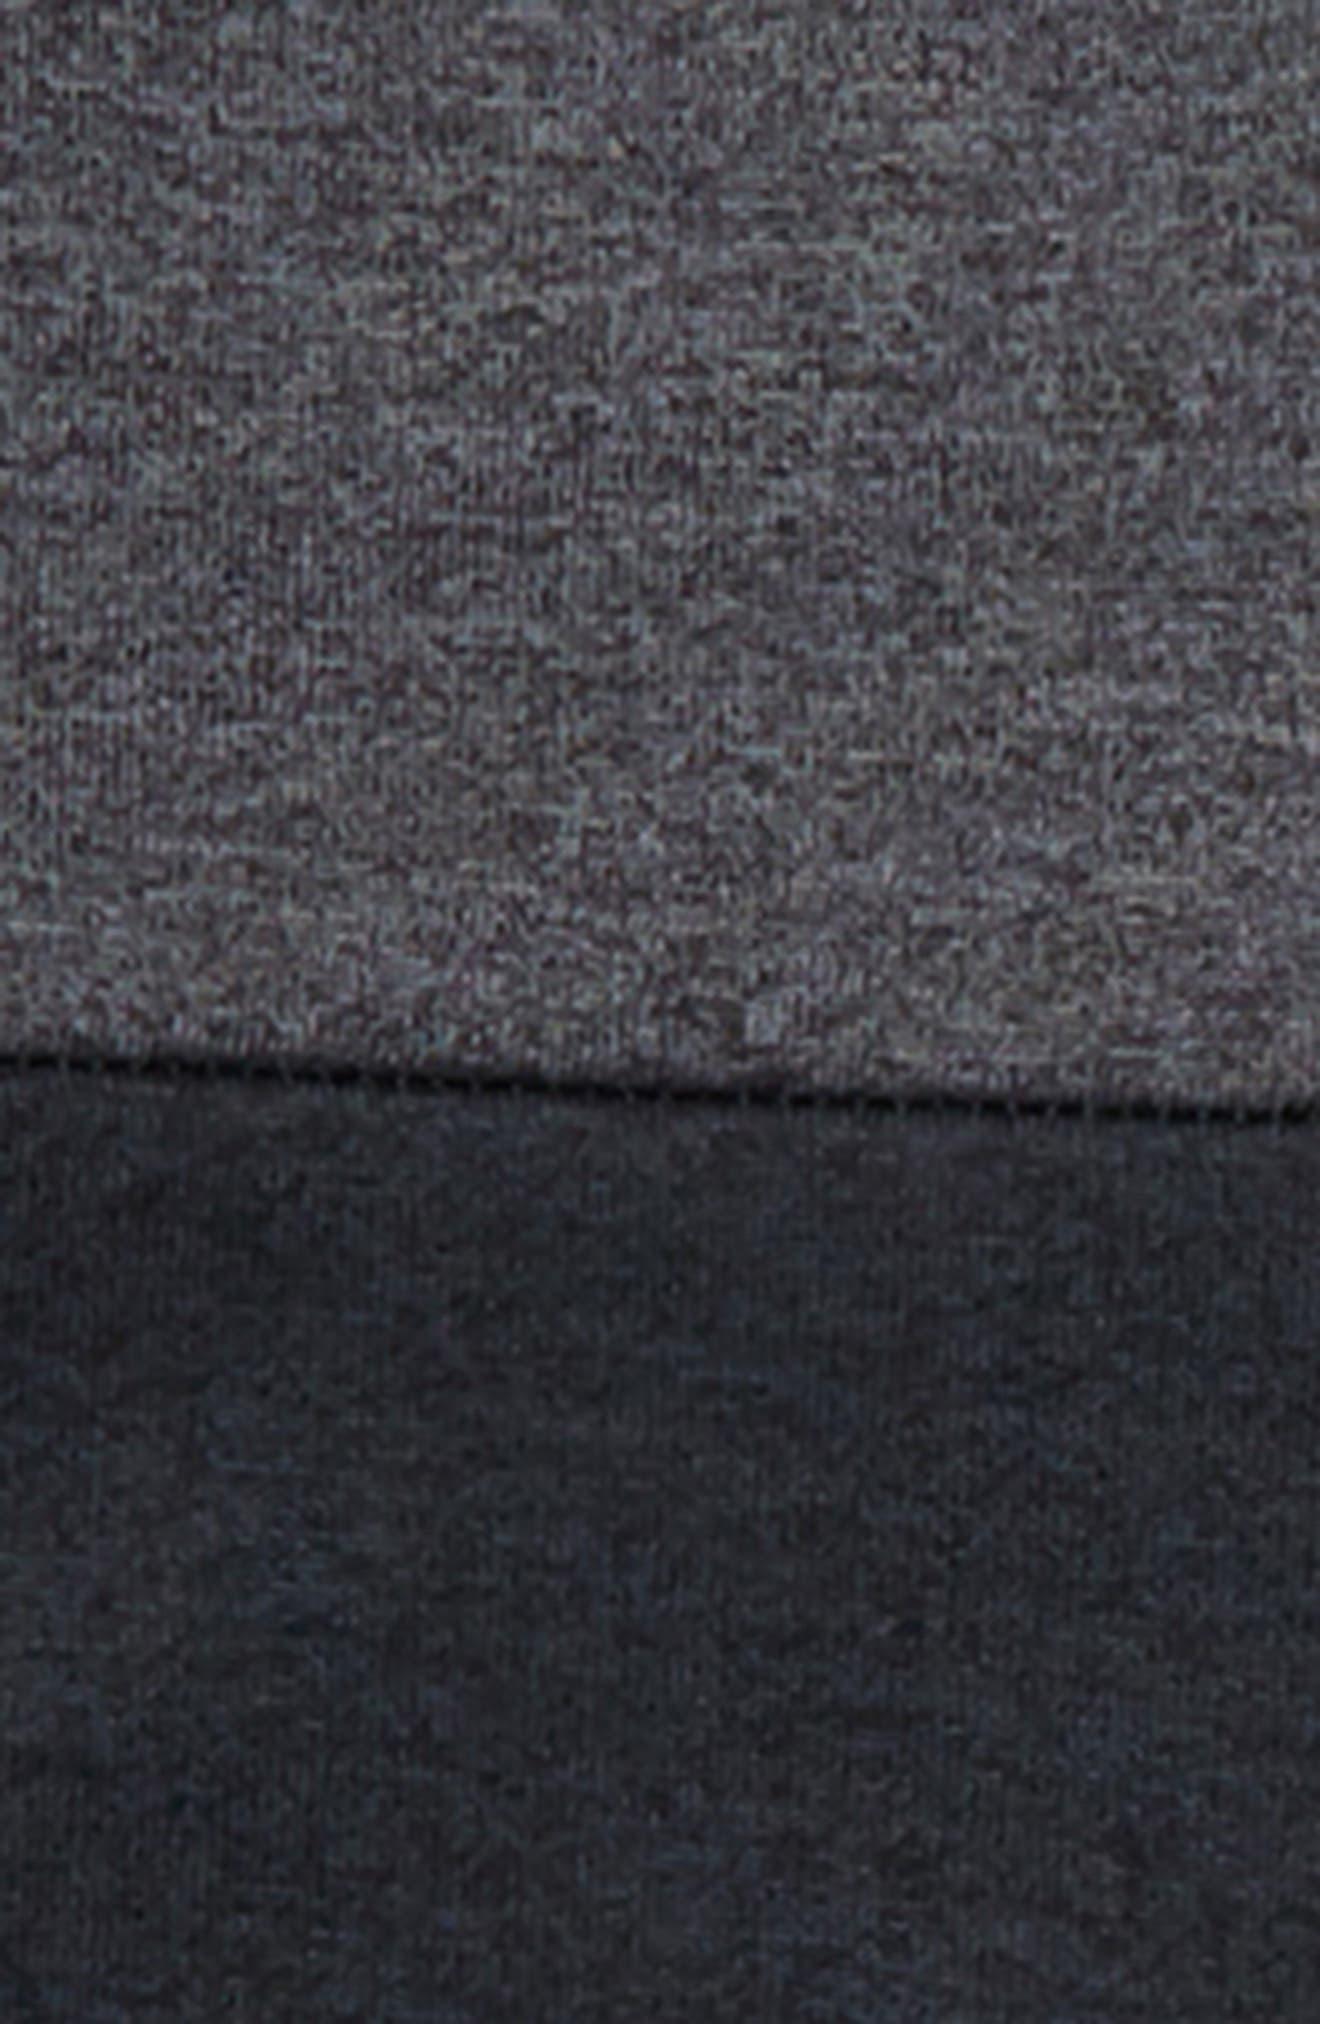 Dri-FIT Colorblock Zip Hoodie,                             Alternate thumbnail 2, color,                             006